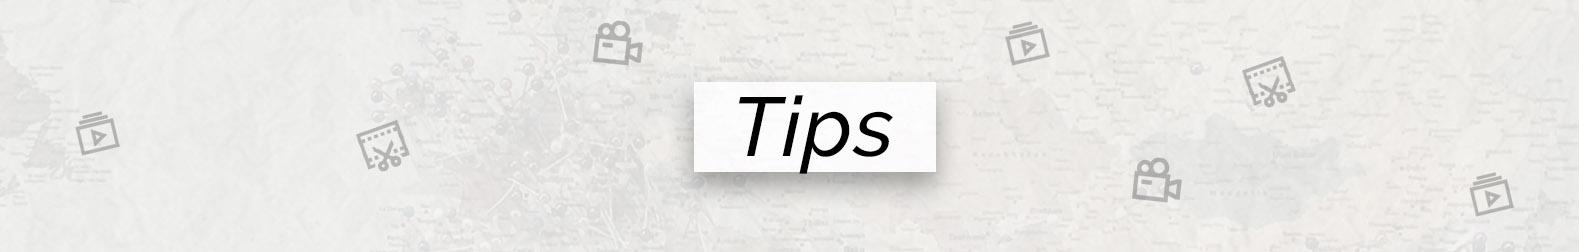 tips banner.jpg